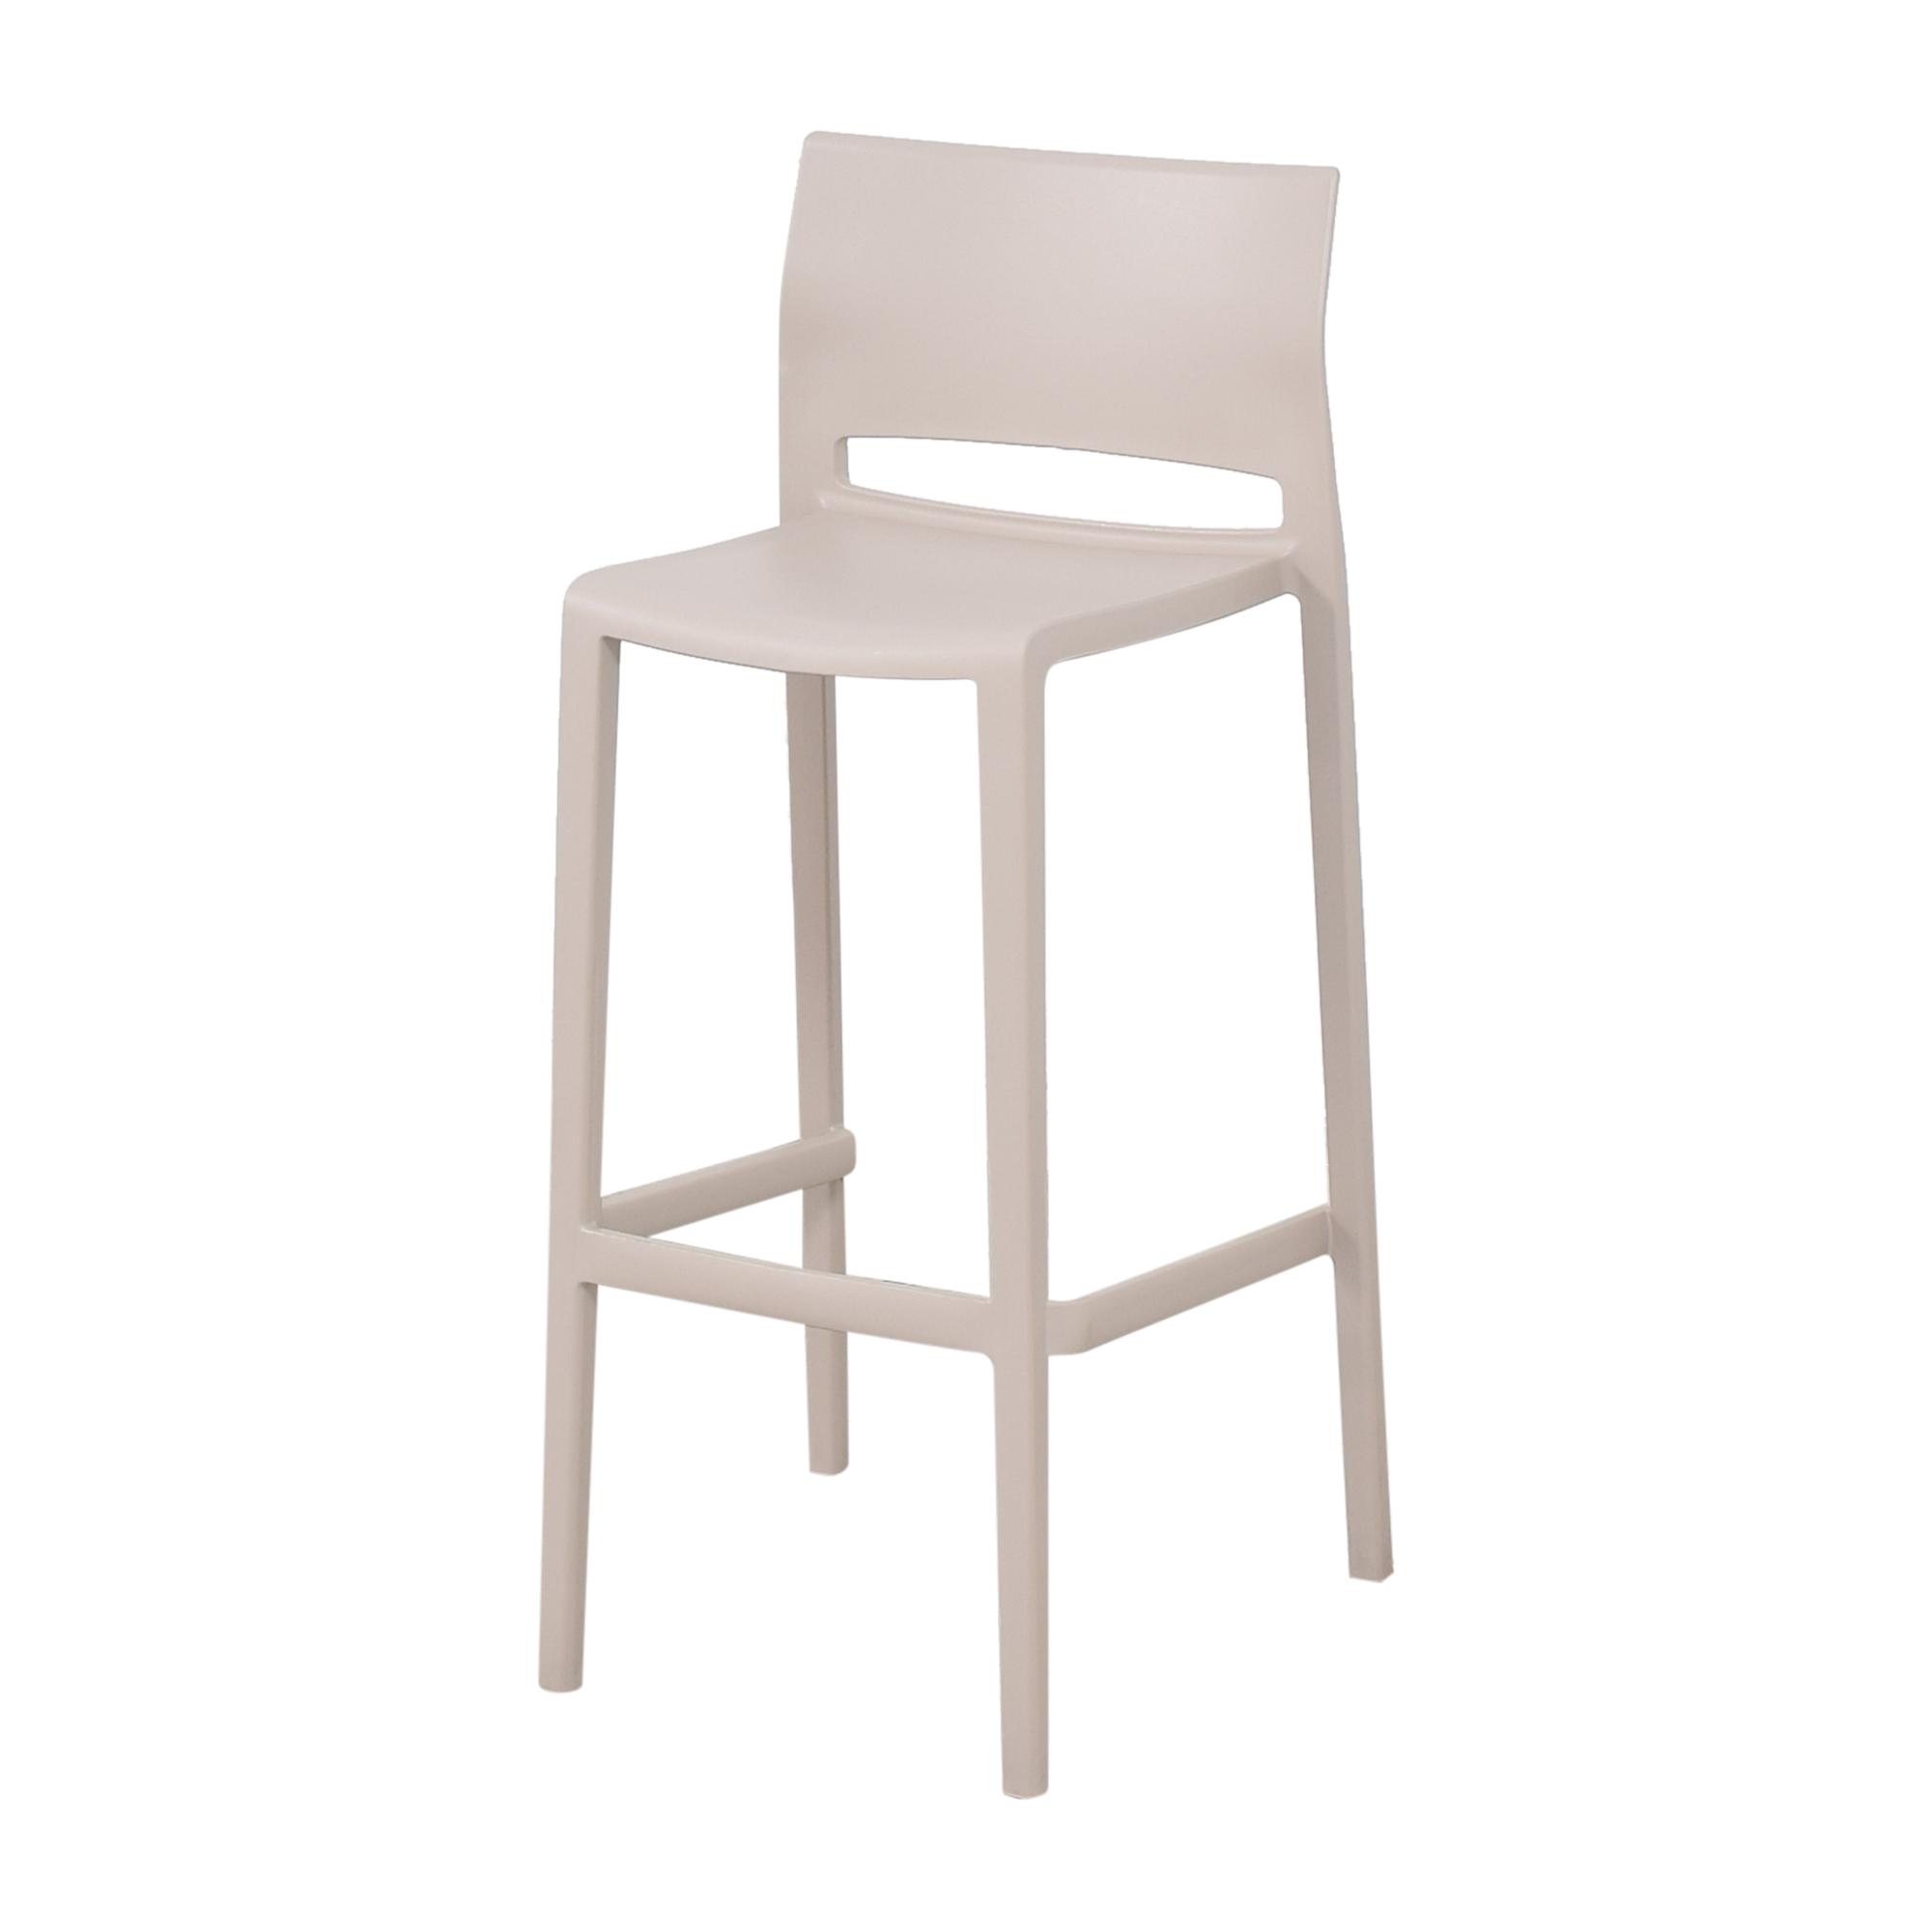 Global Furniture Group Global Furniture Group Bakhita Bar Stool coupon